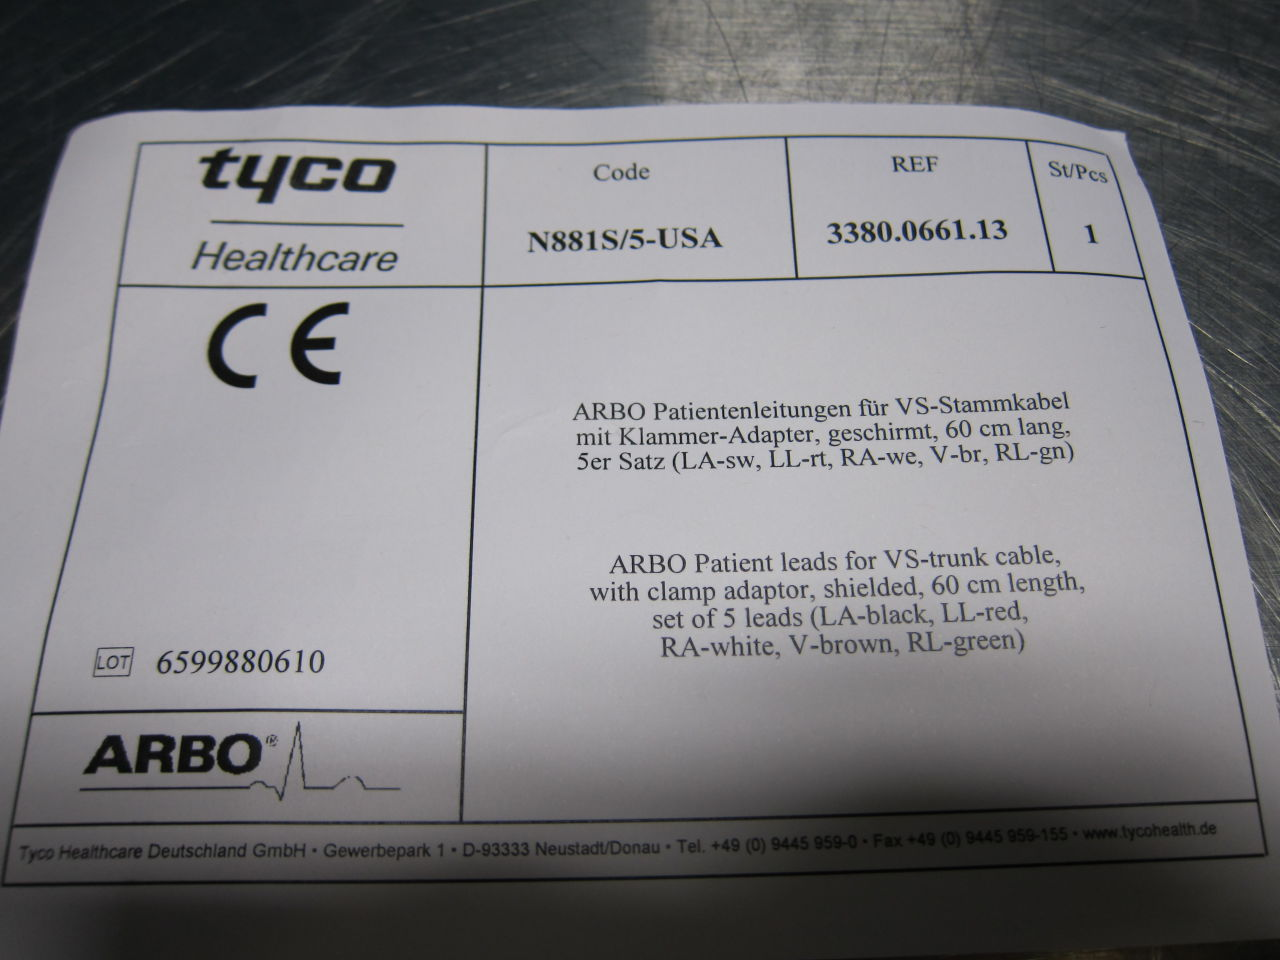 TYCO HEALTHCARE 5 Lead Defib/EKG Electrode Cable Defibrillator